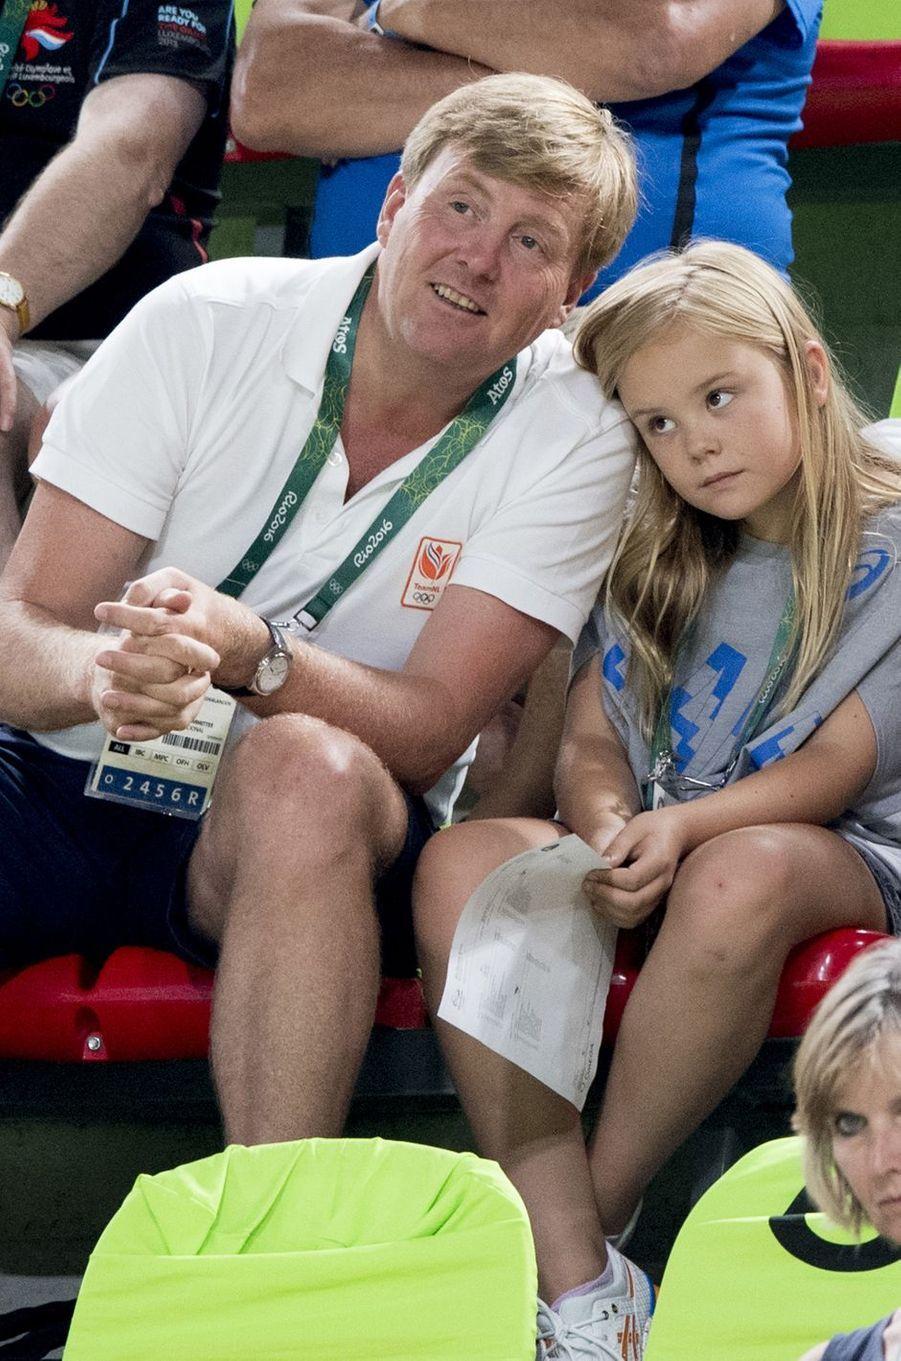 Le roi Willem-Alexander des Pays-Bas avec sa fille Ariane aux JO de Rio, le 15 août 2016